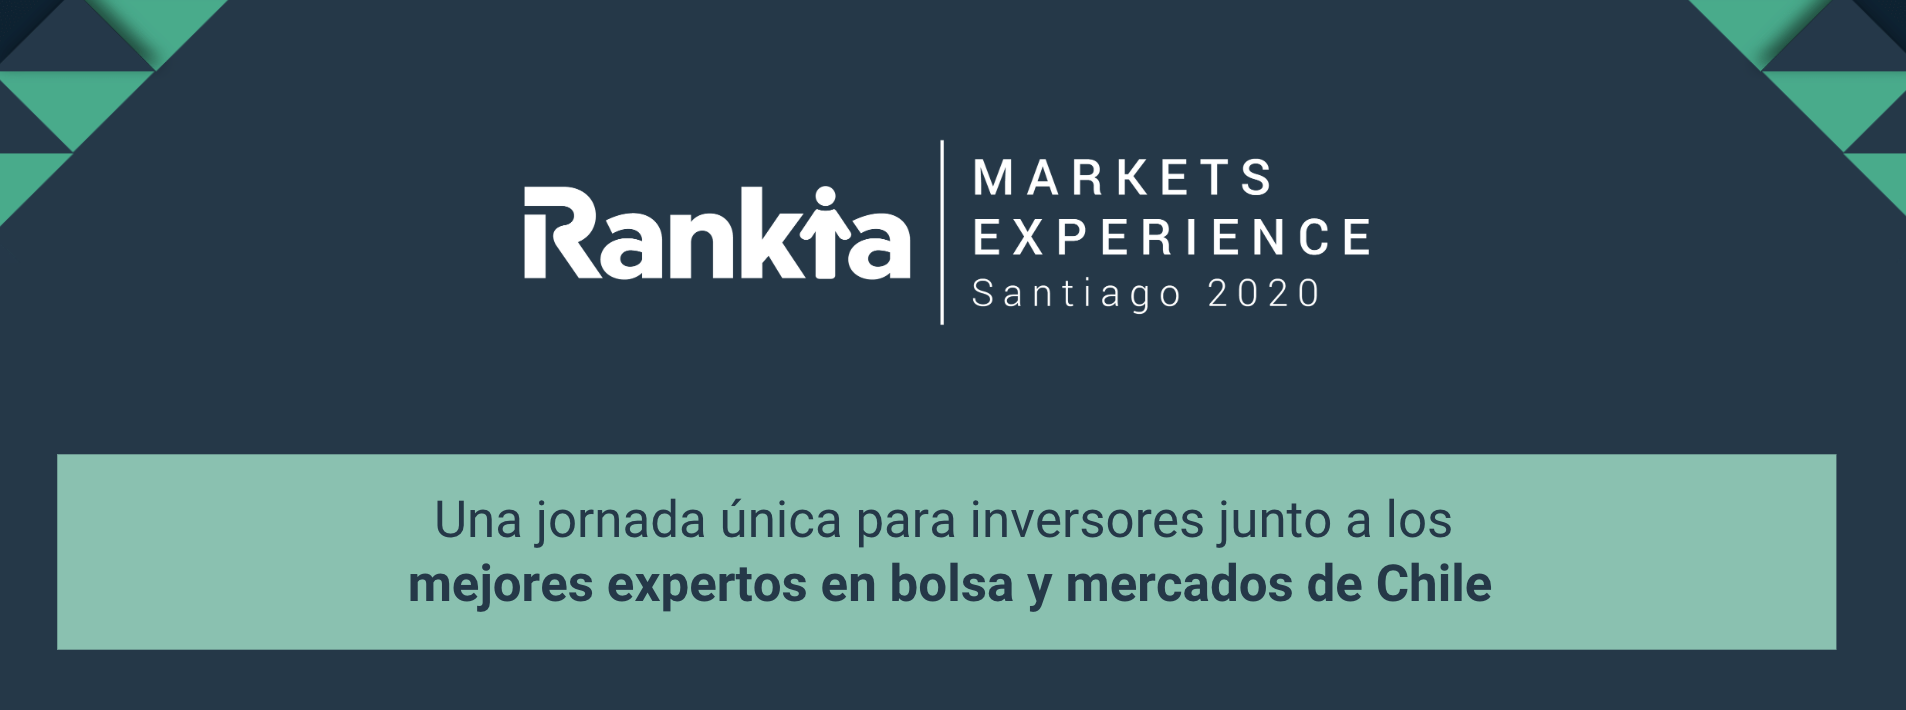 Rankia Markets Experience